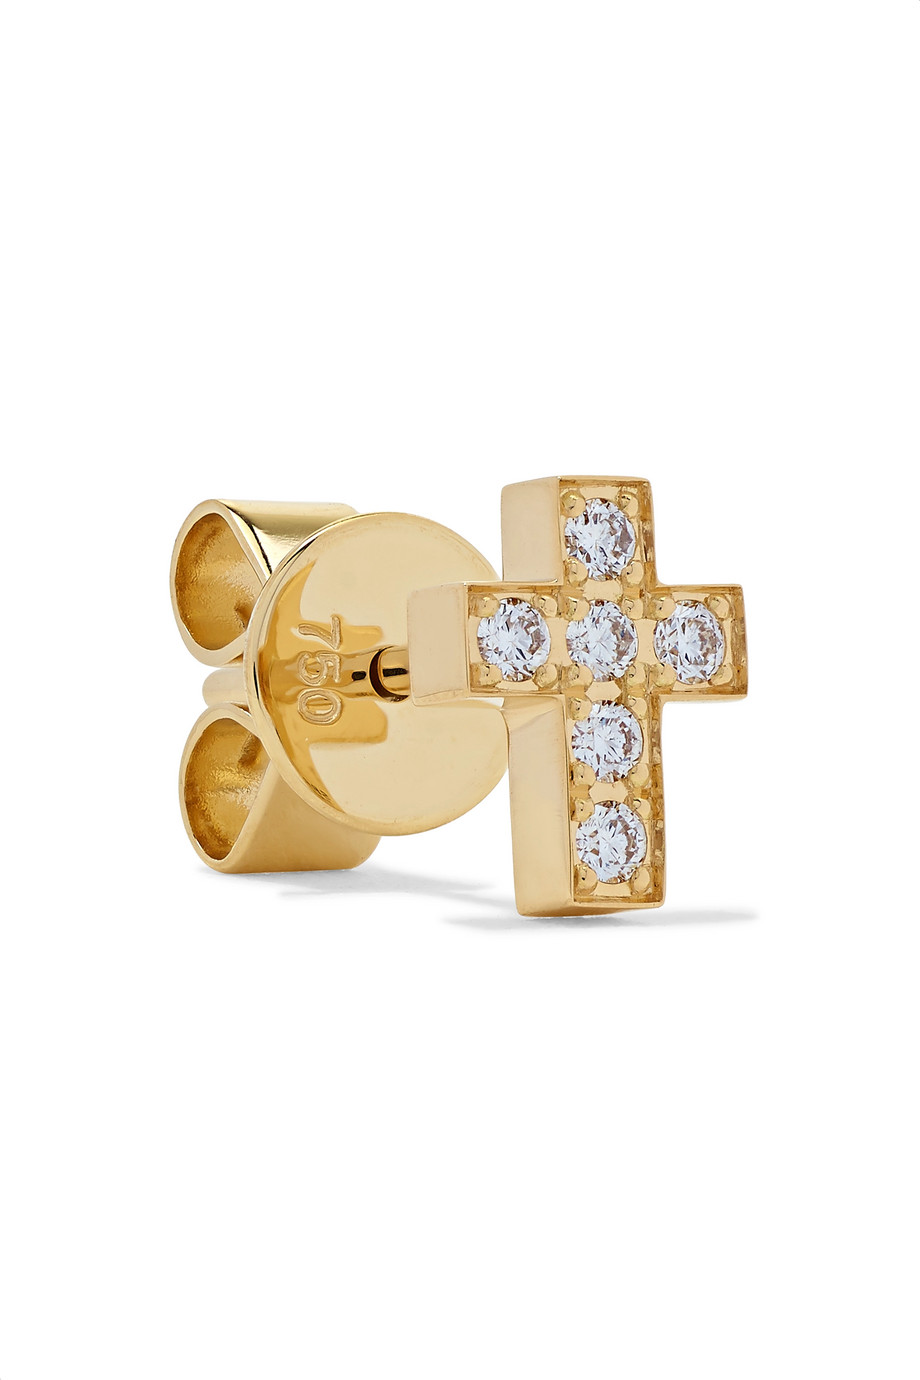 Sophie Bille Brahe Boucle d'oreille en or 18 carats et diamants Giulietta Oreille